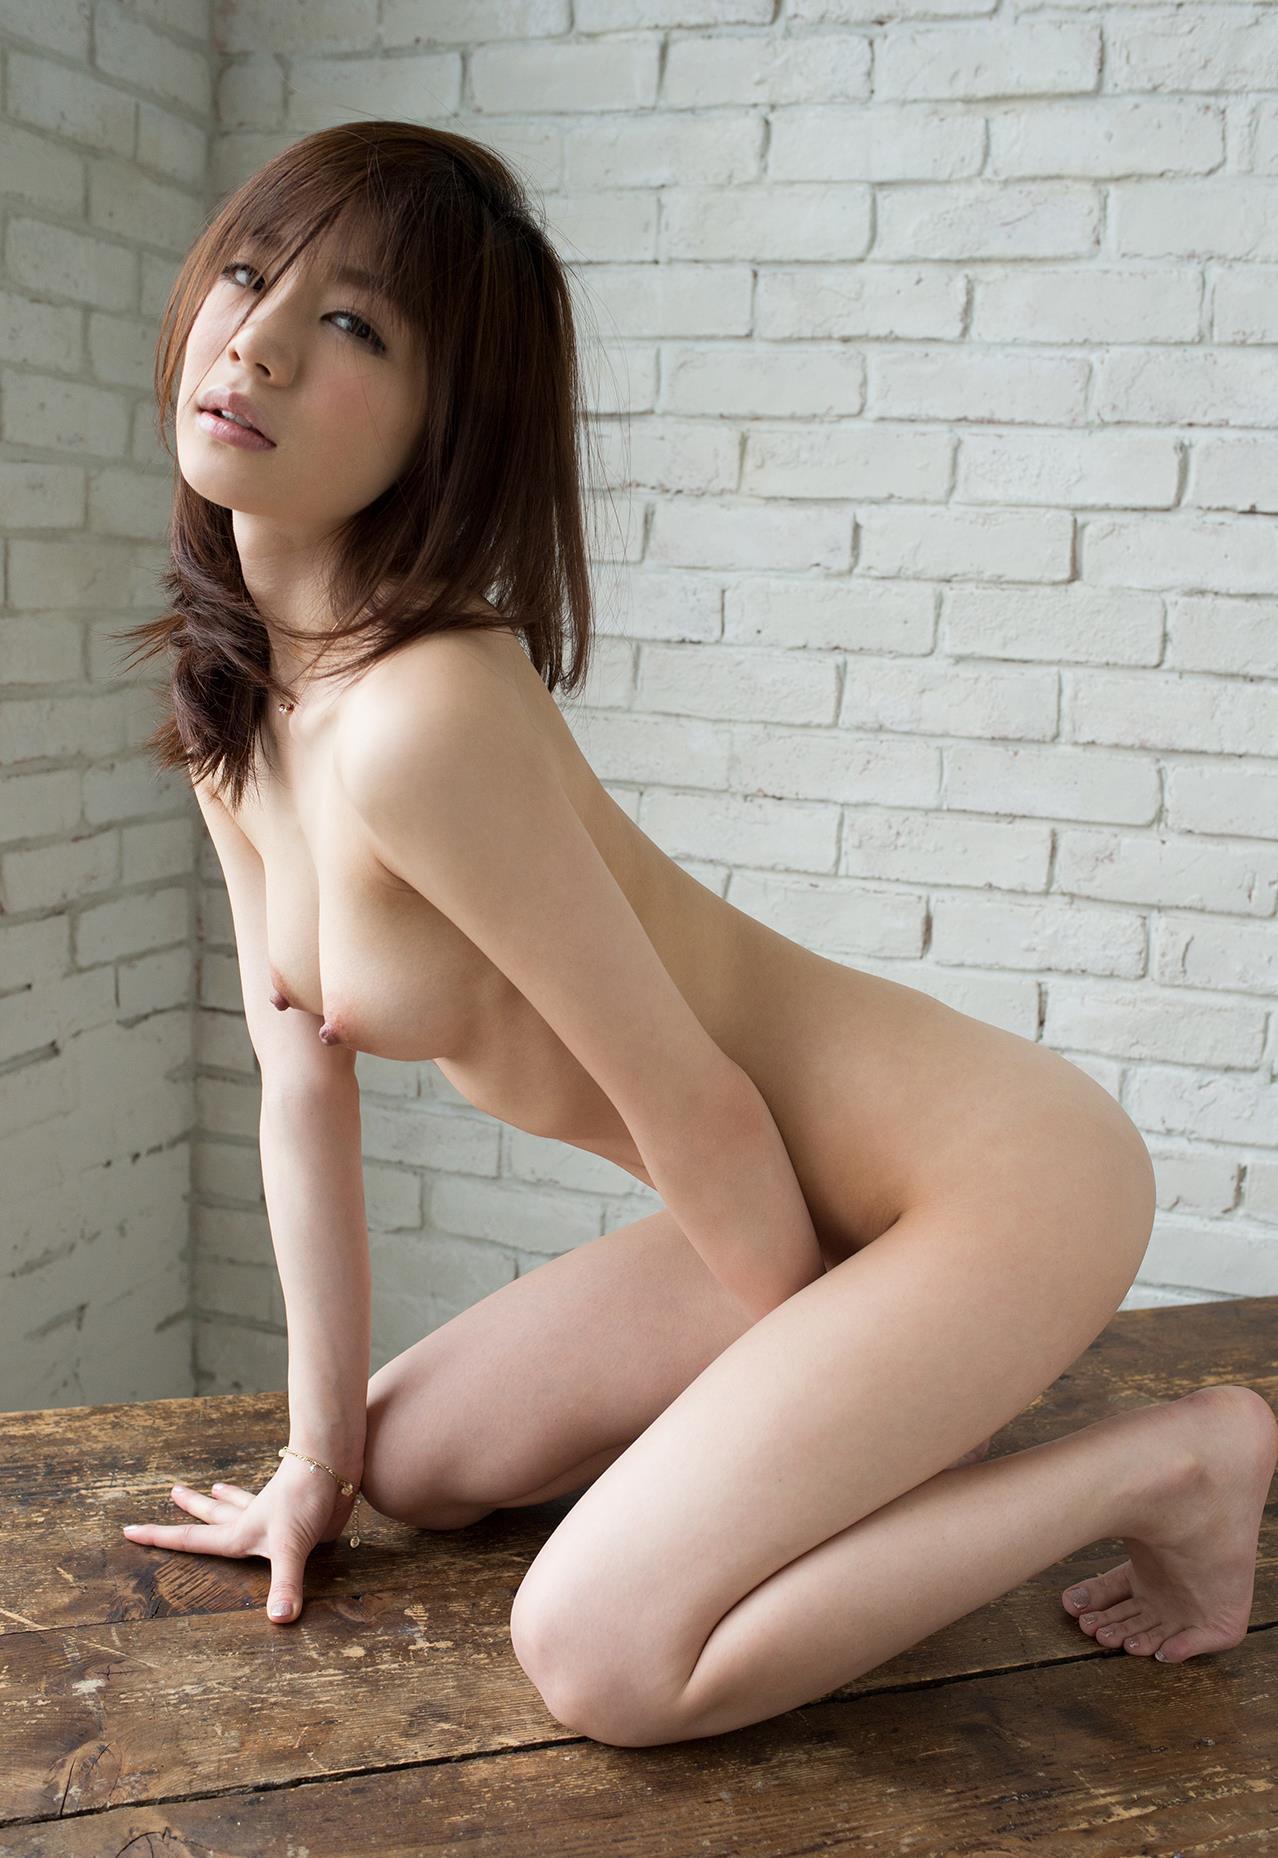 鈴村あいり 画像 35